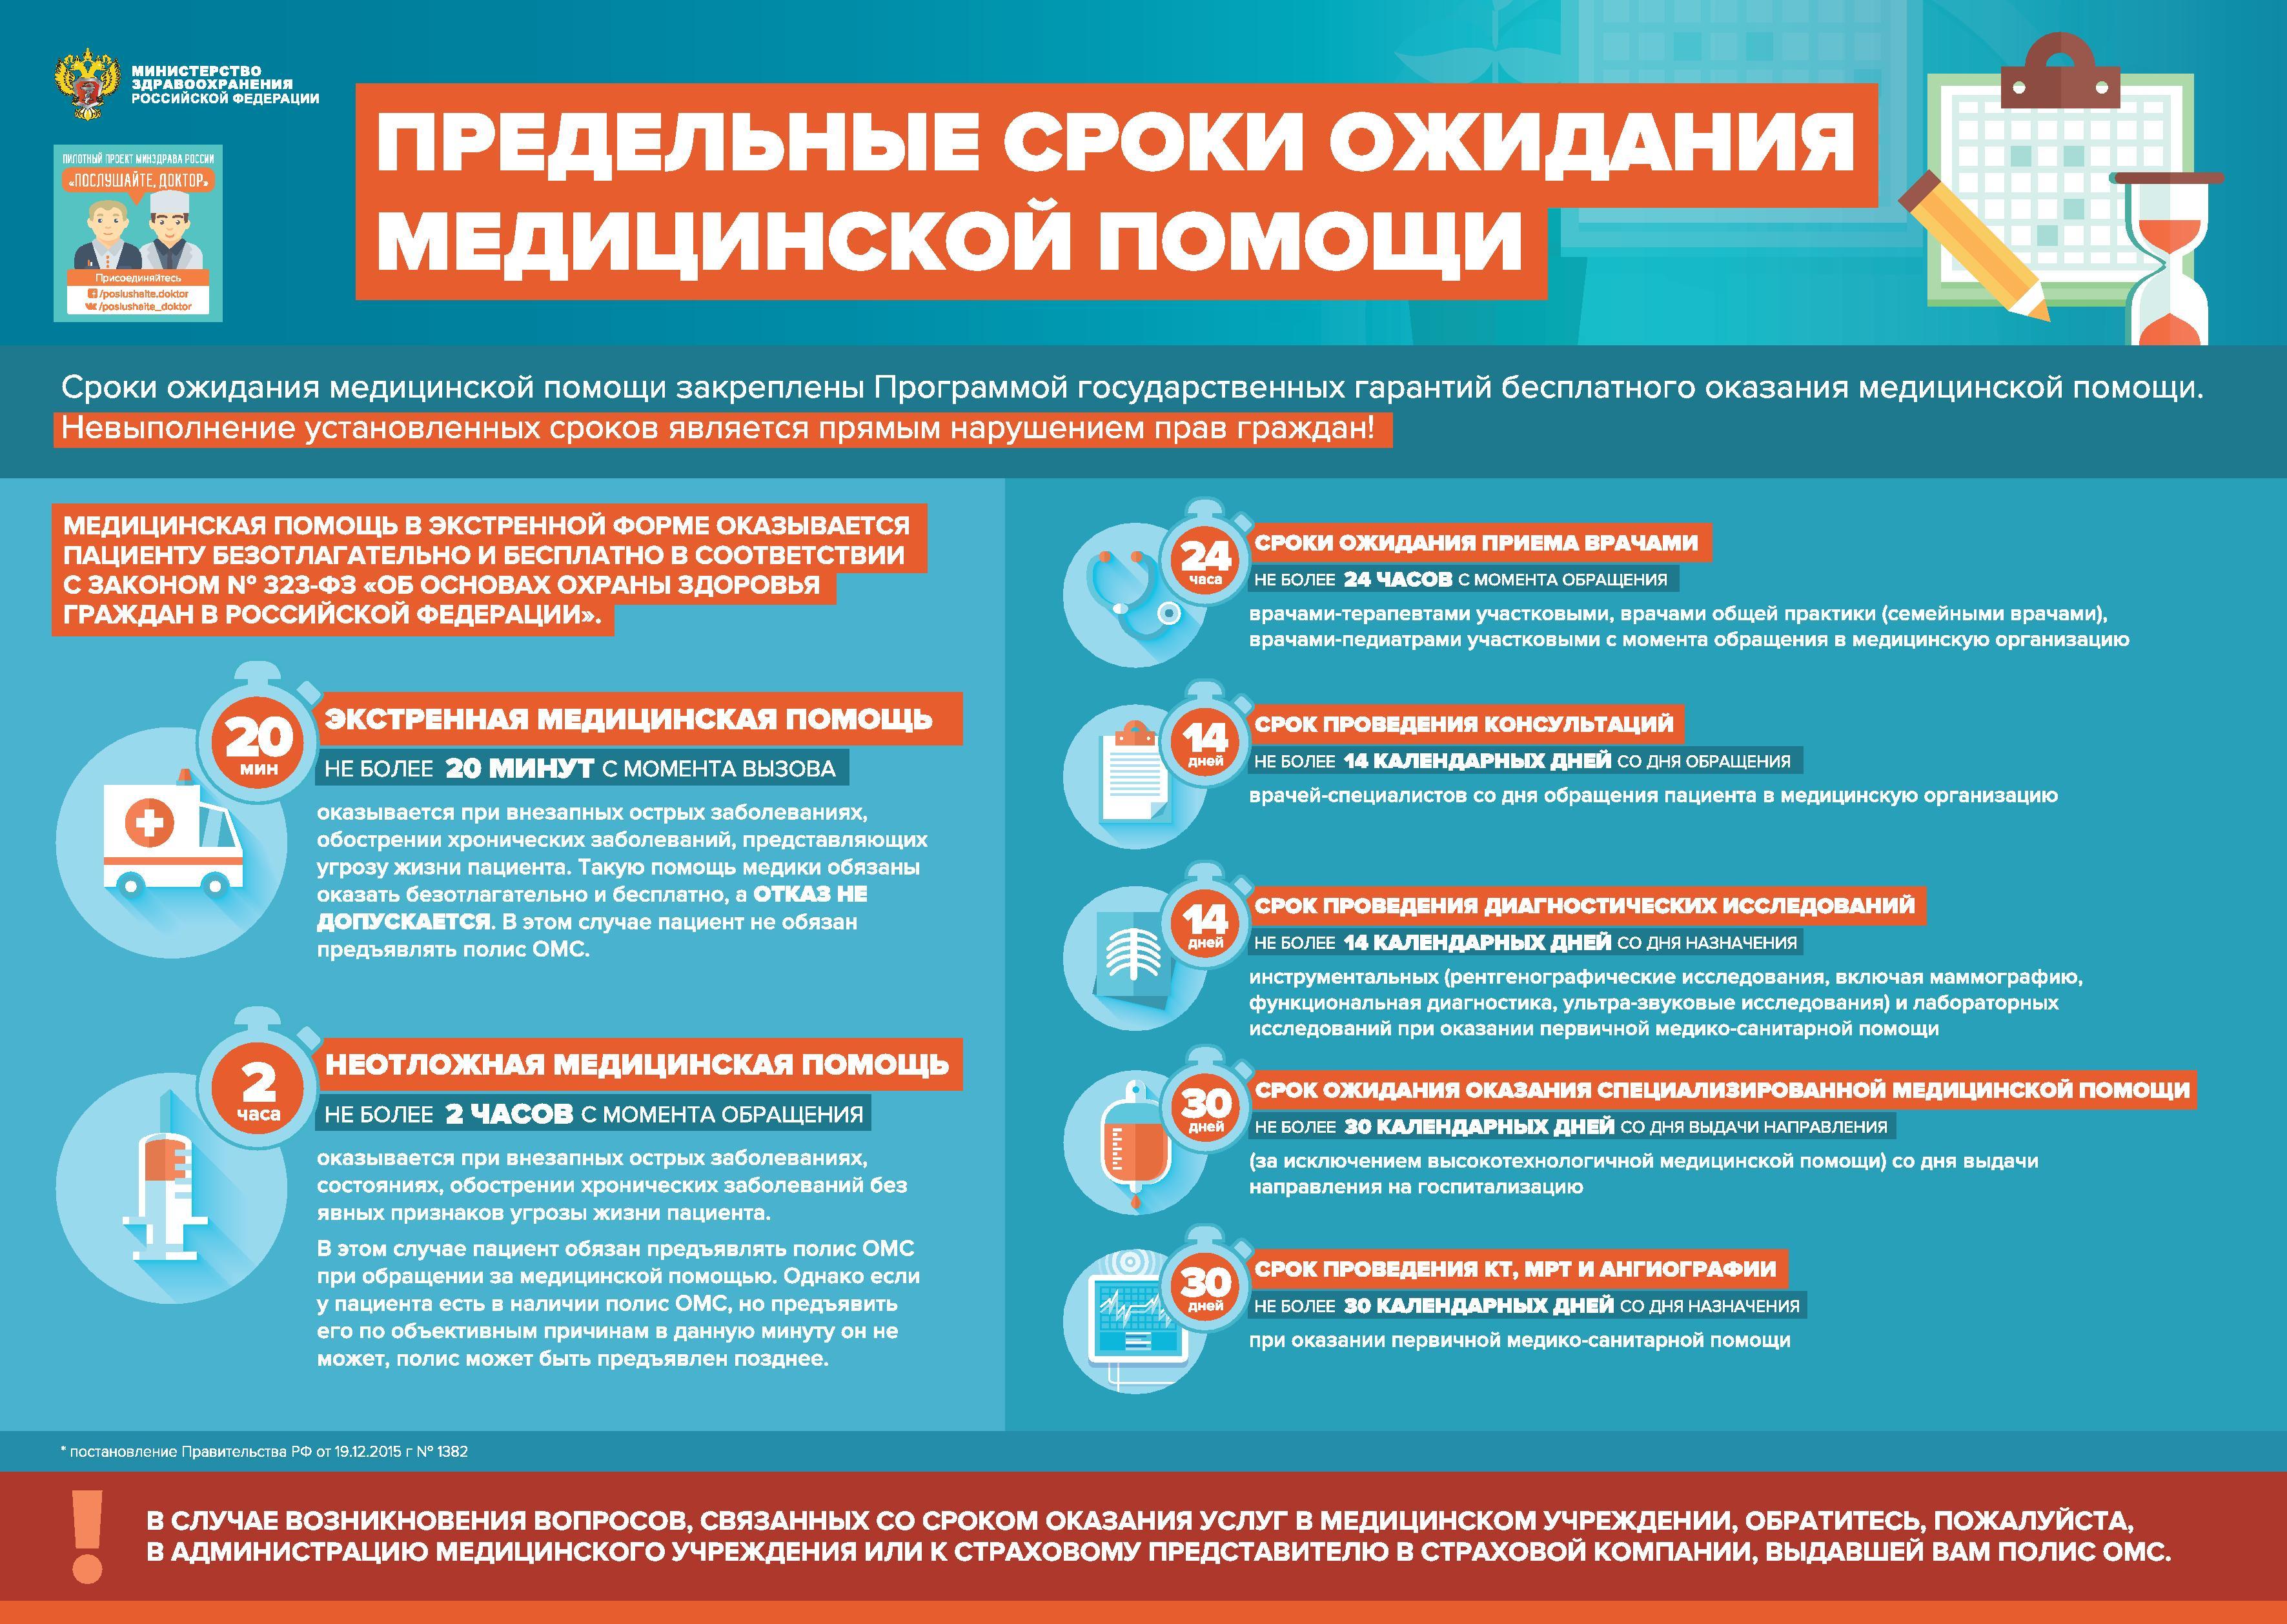 Первомайская 121 Москва Дорогомилово справка водительская